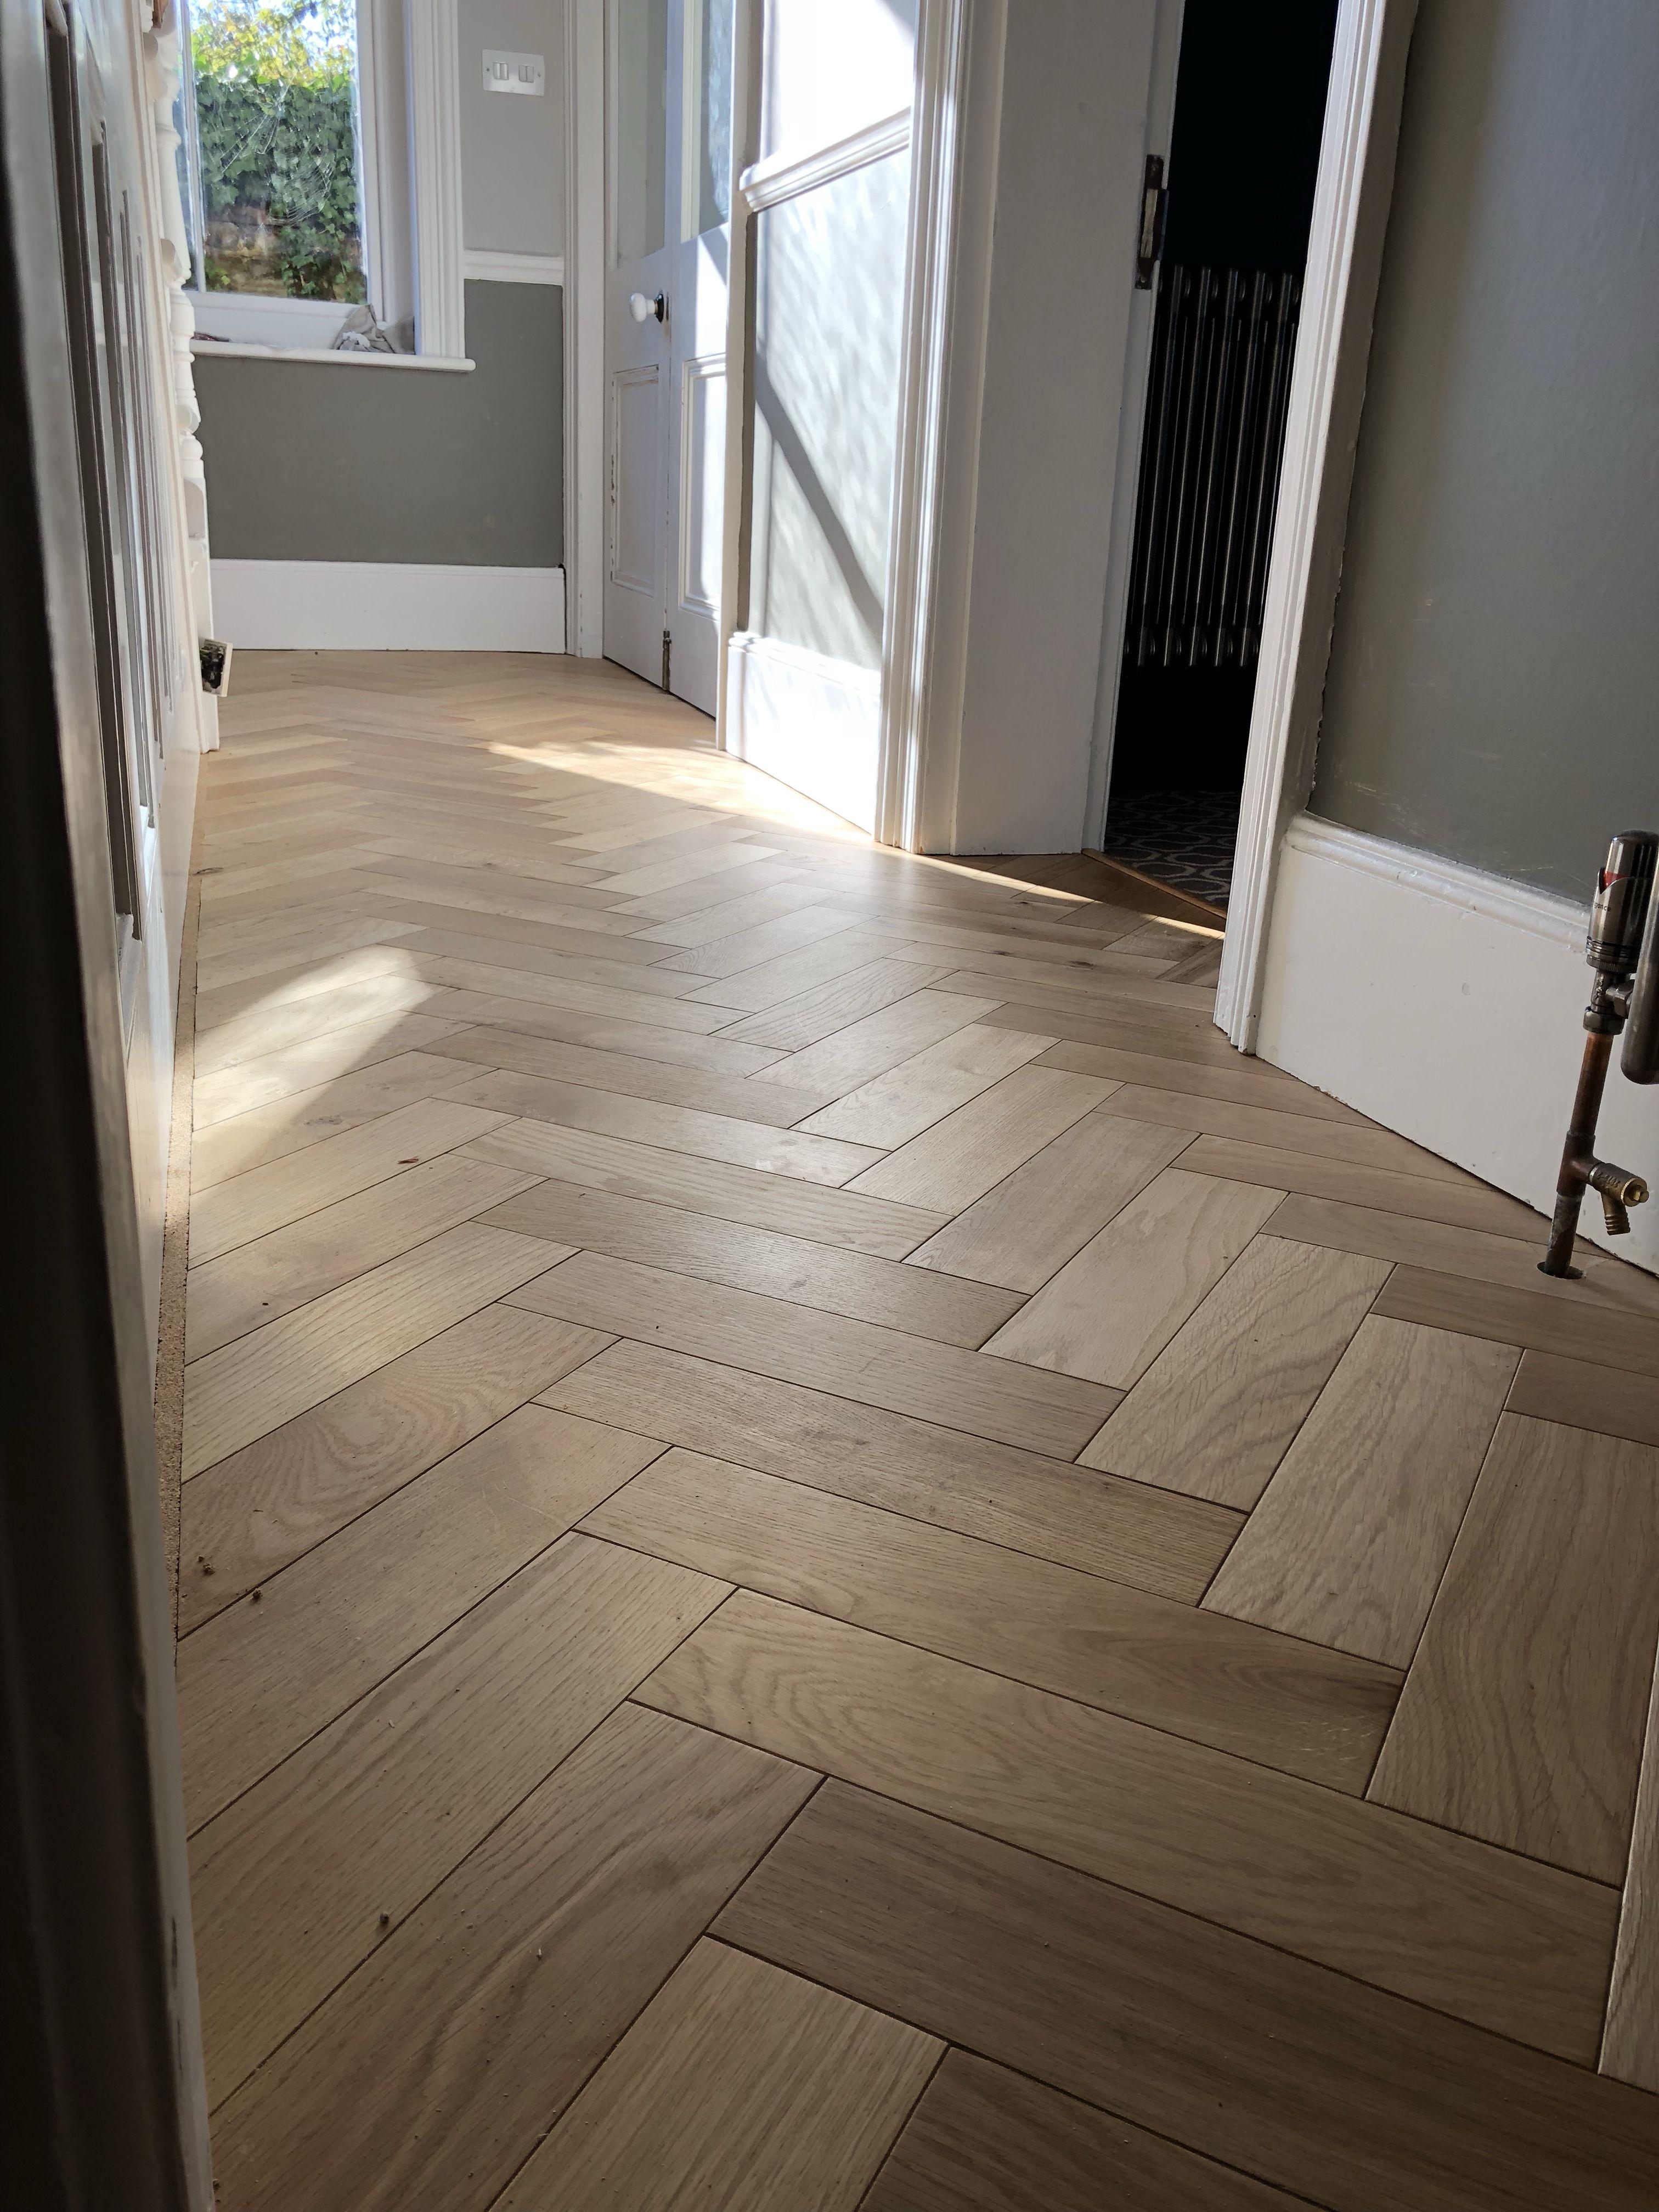 Oak Engineered wood blocks laid in a Herringbone design